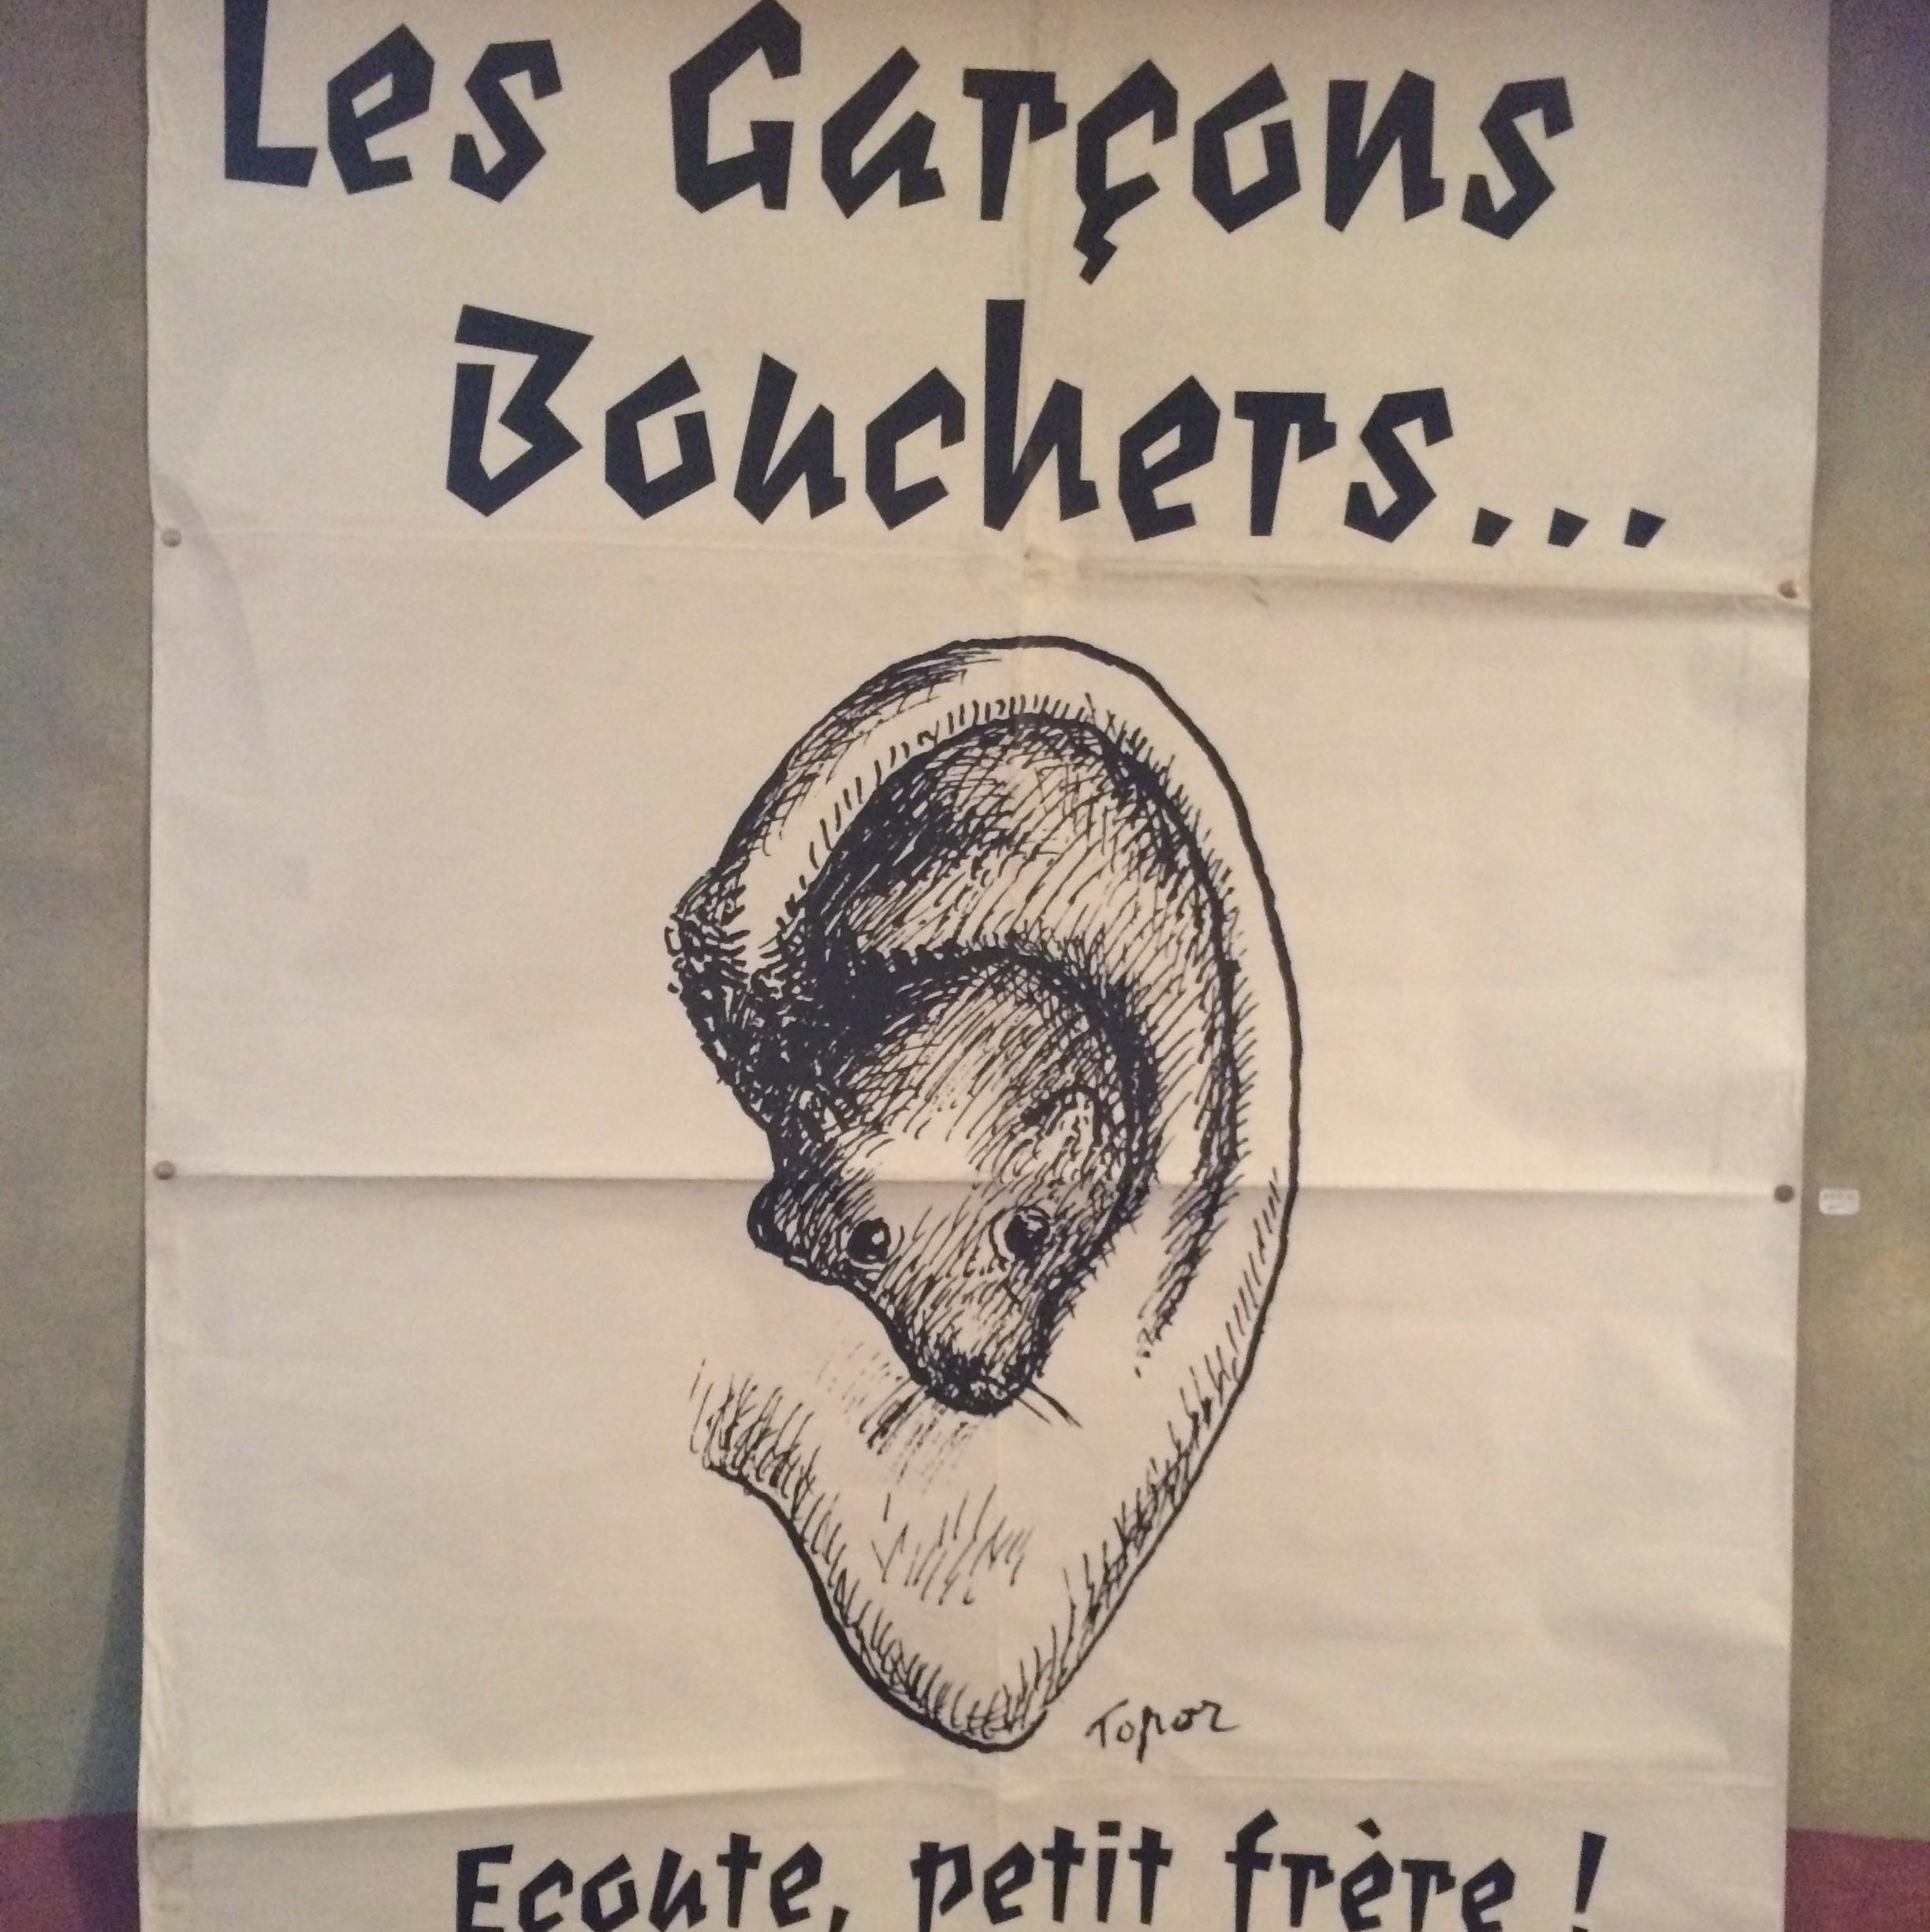 Affiche Garçons Bouchers / Topor